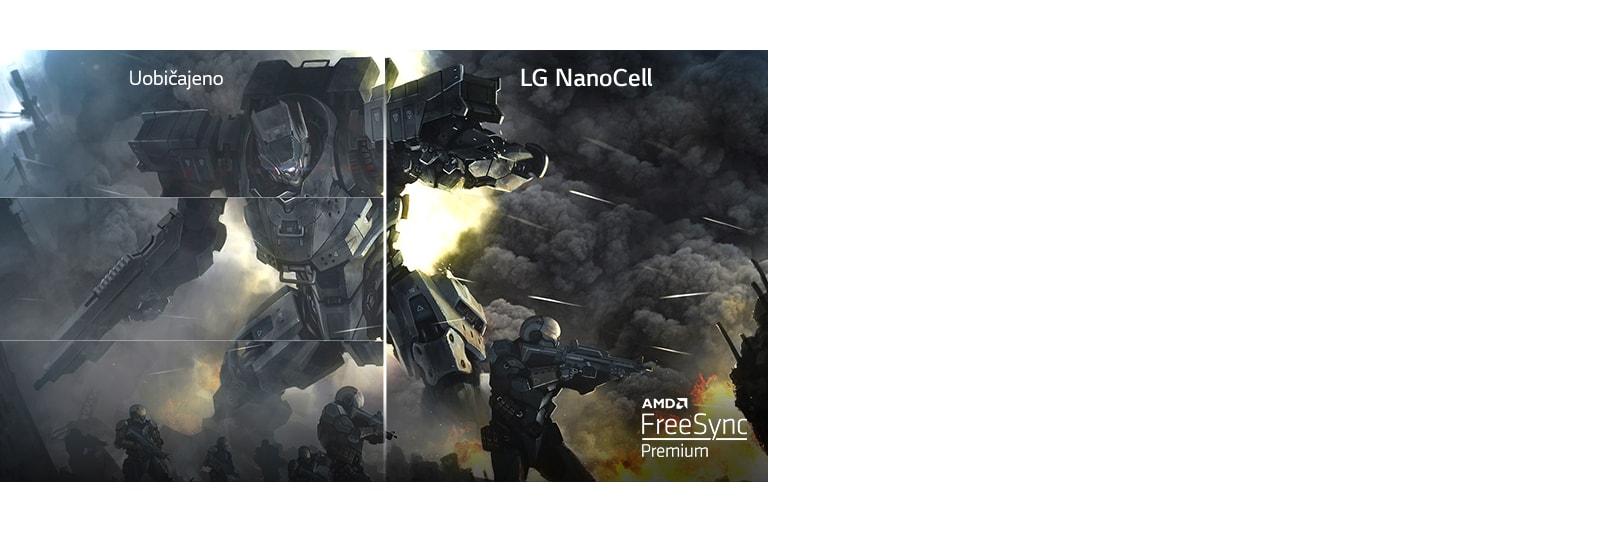 Prizor iz video igre je prikazan na običajnem televizorju z odtrganjem, druga polovica pa na televizorju LG NanoCell brez slike